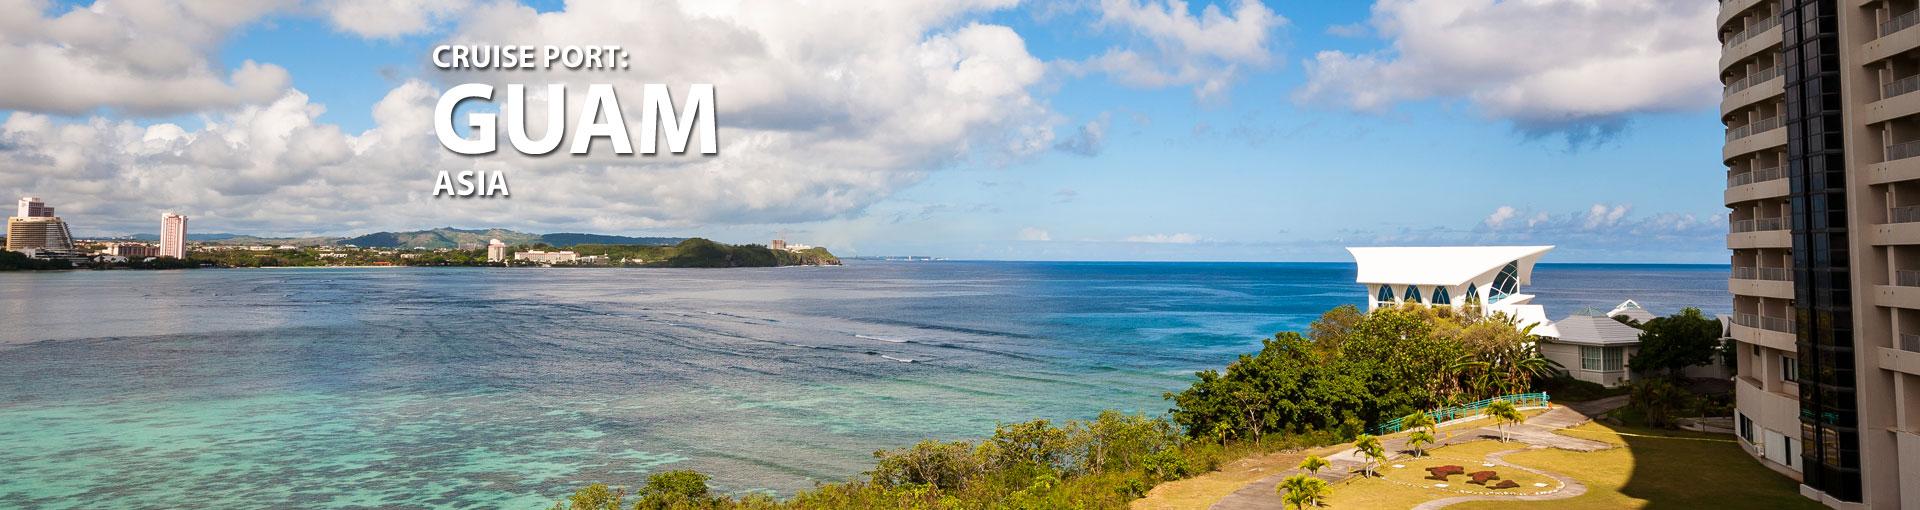 Cruises to Guam, Asia